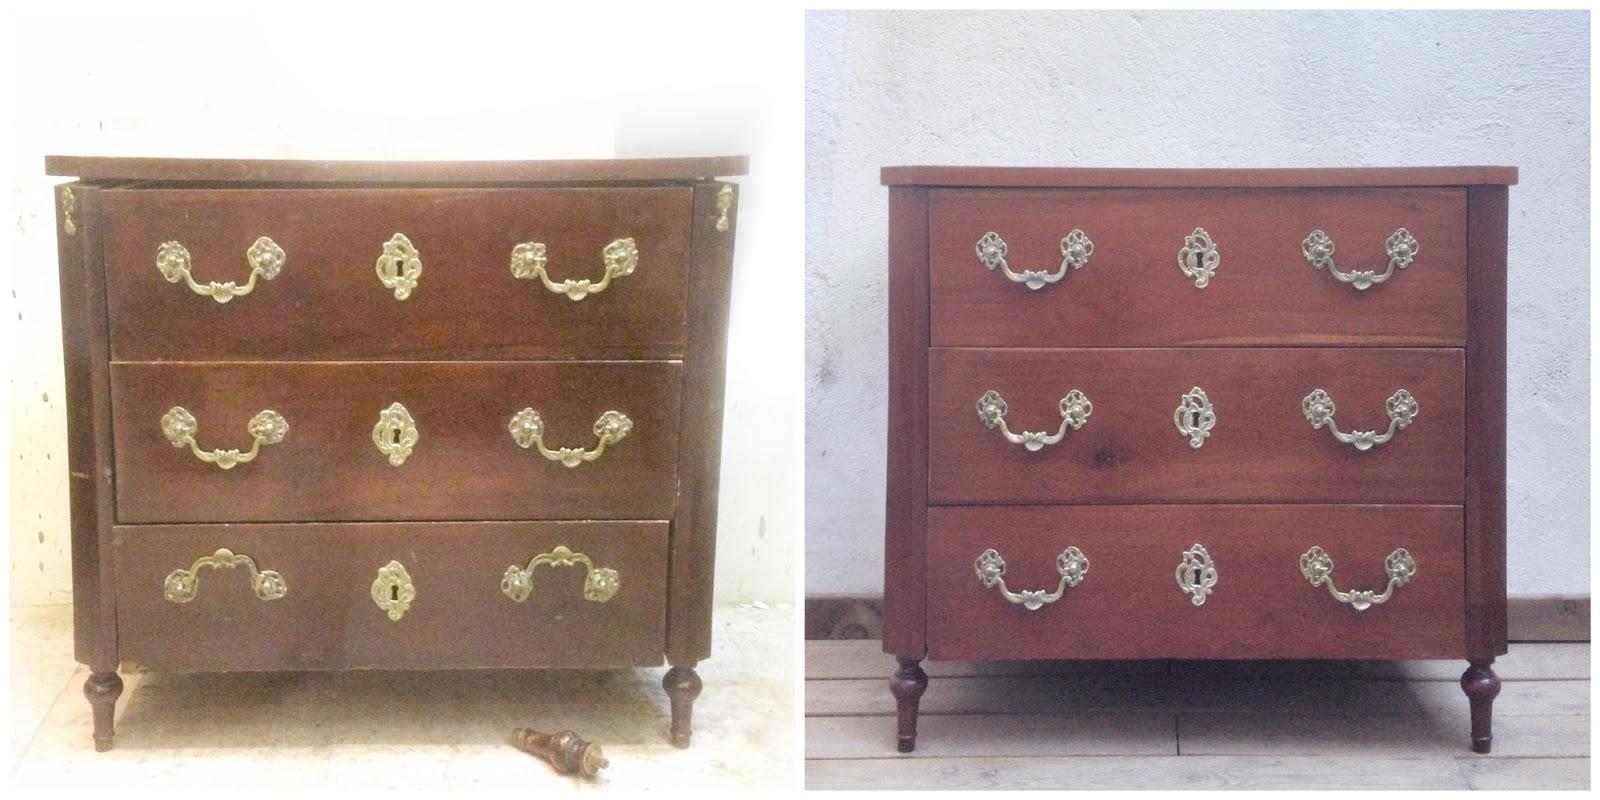 Antes y después - una cajonera restaurada - Studio Alis